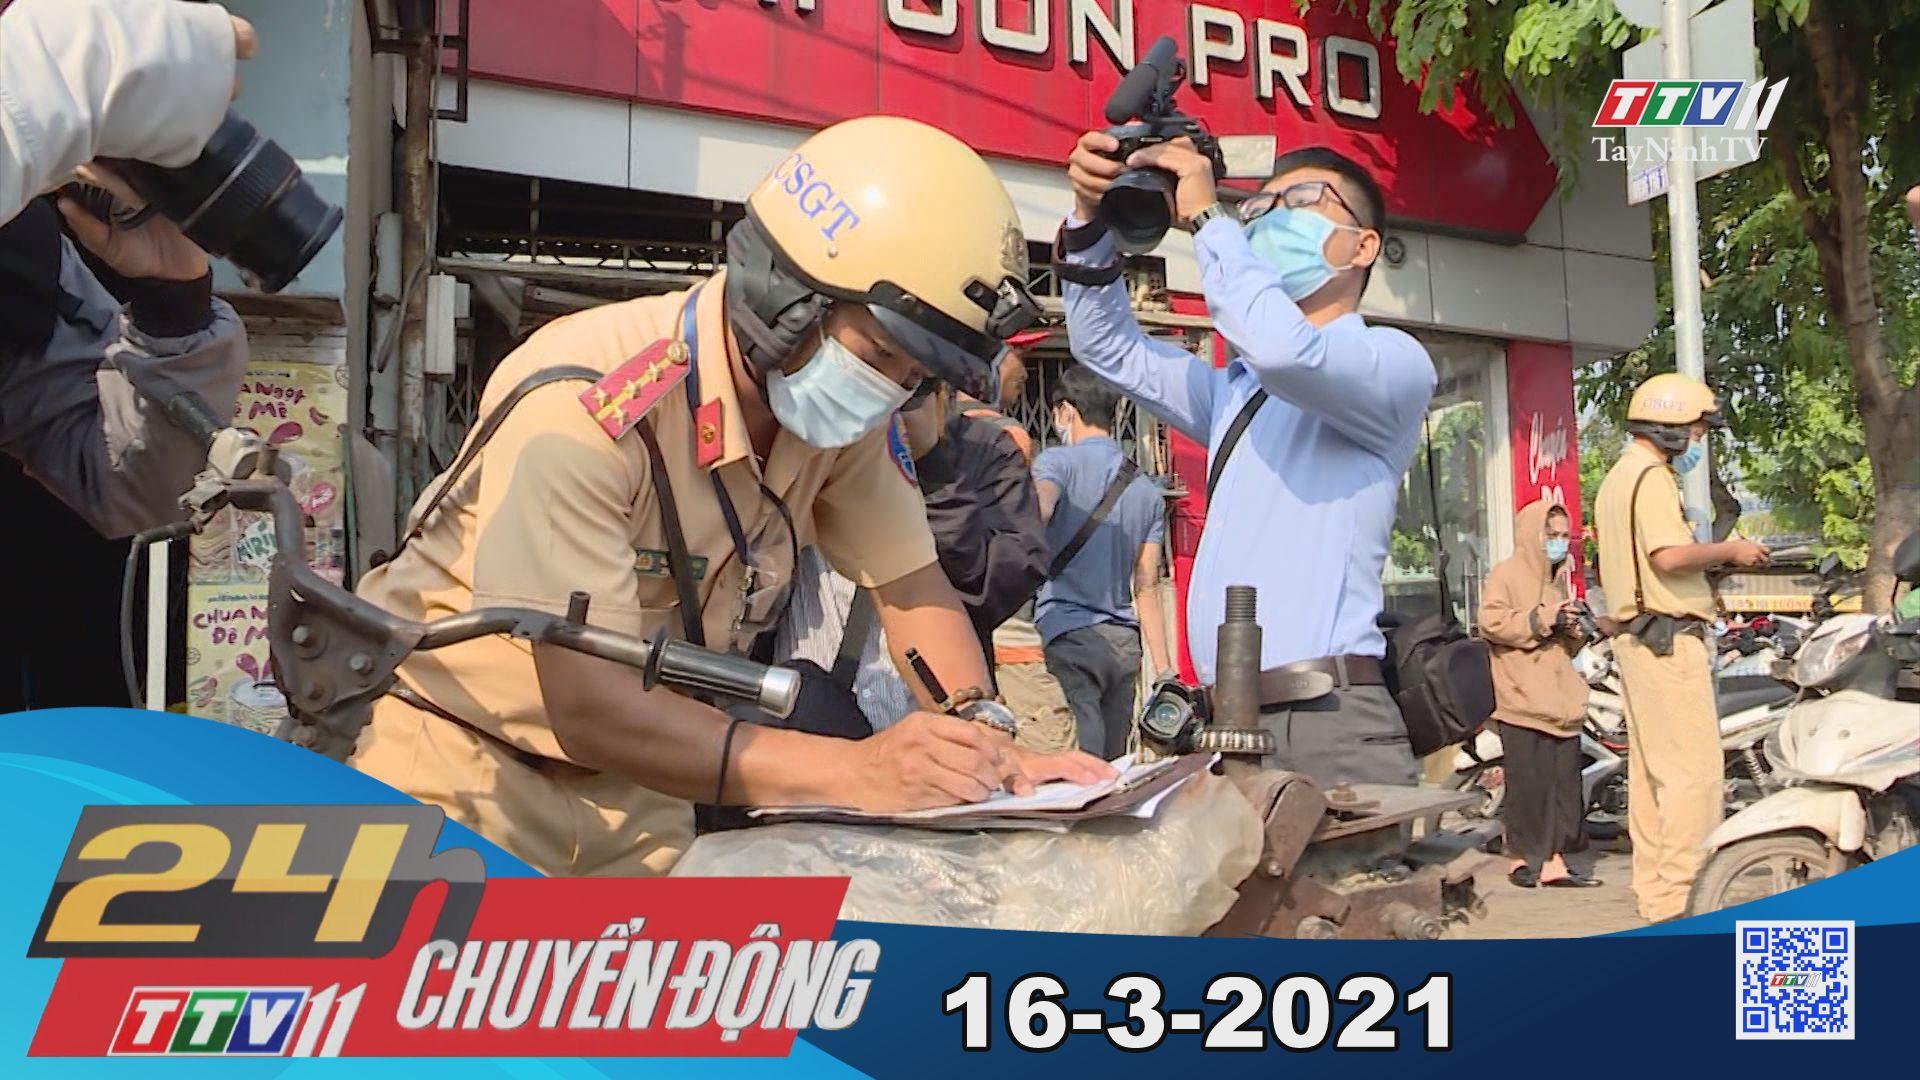 24h Chuyển động 16-3-2021   Tin tức hôm nay   TayNinhTV